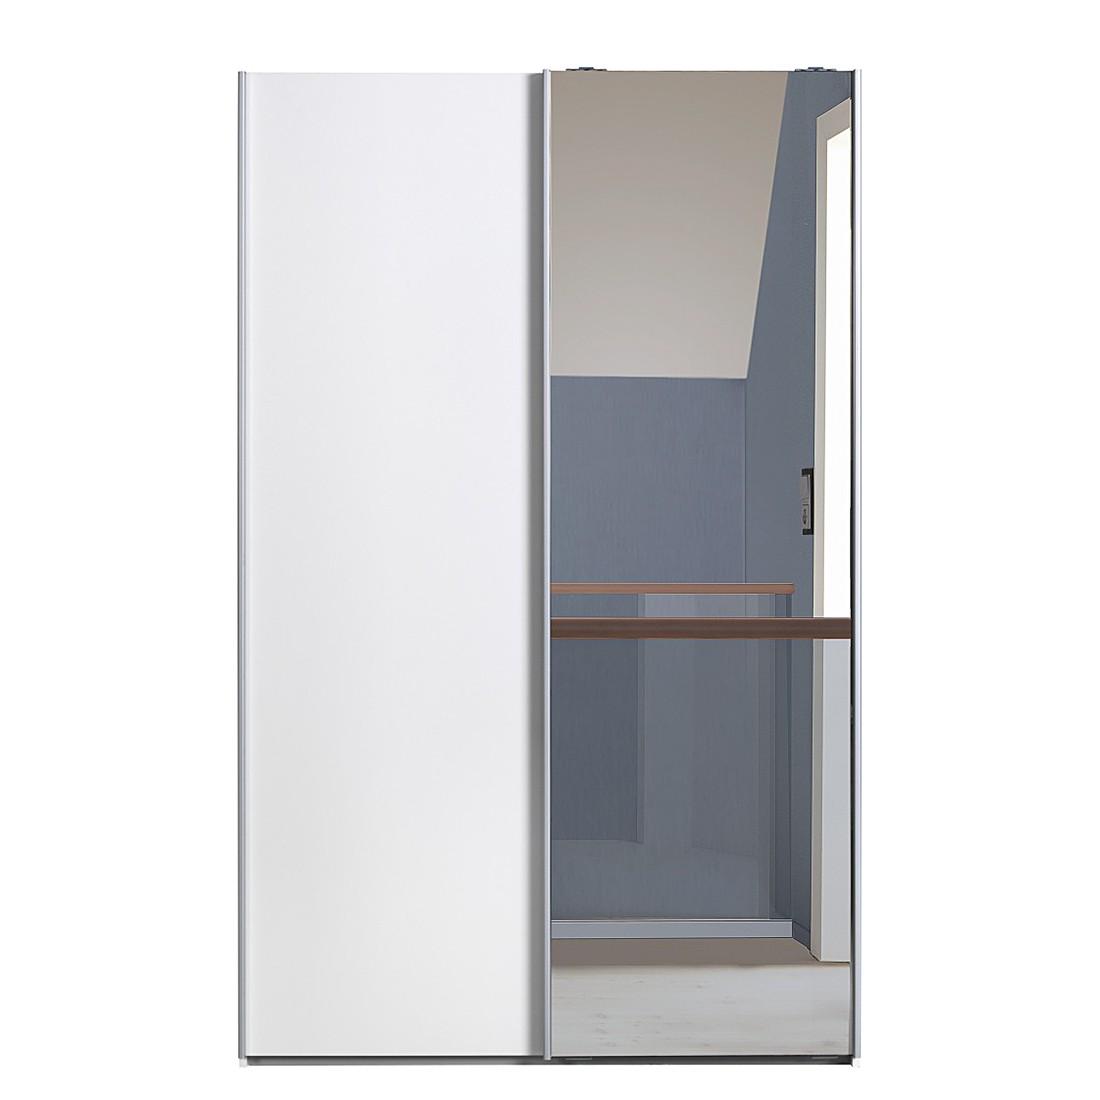 Schwebetürenschrank Soft Smart 120 Cm Weiß Weiß 1 Spiegeltür